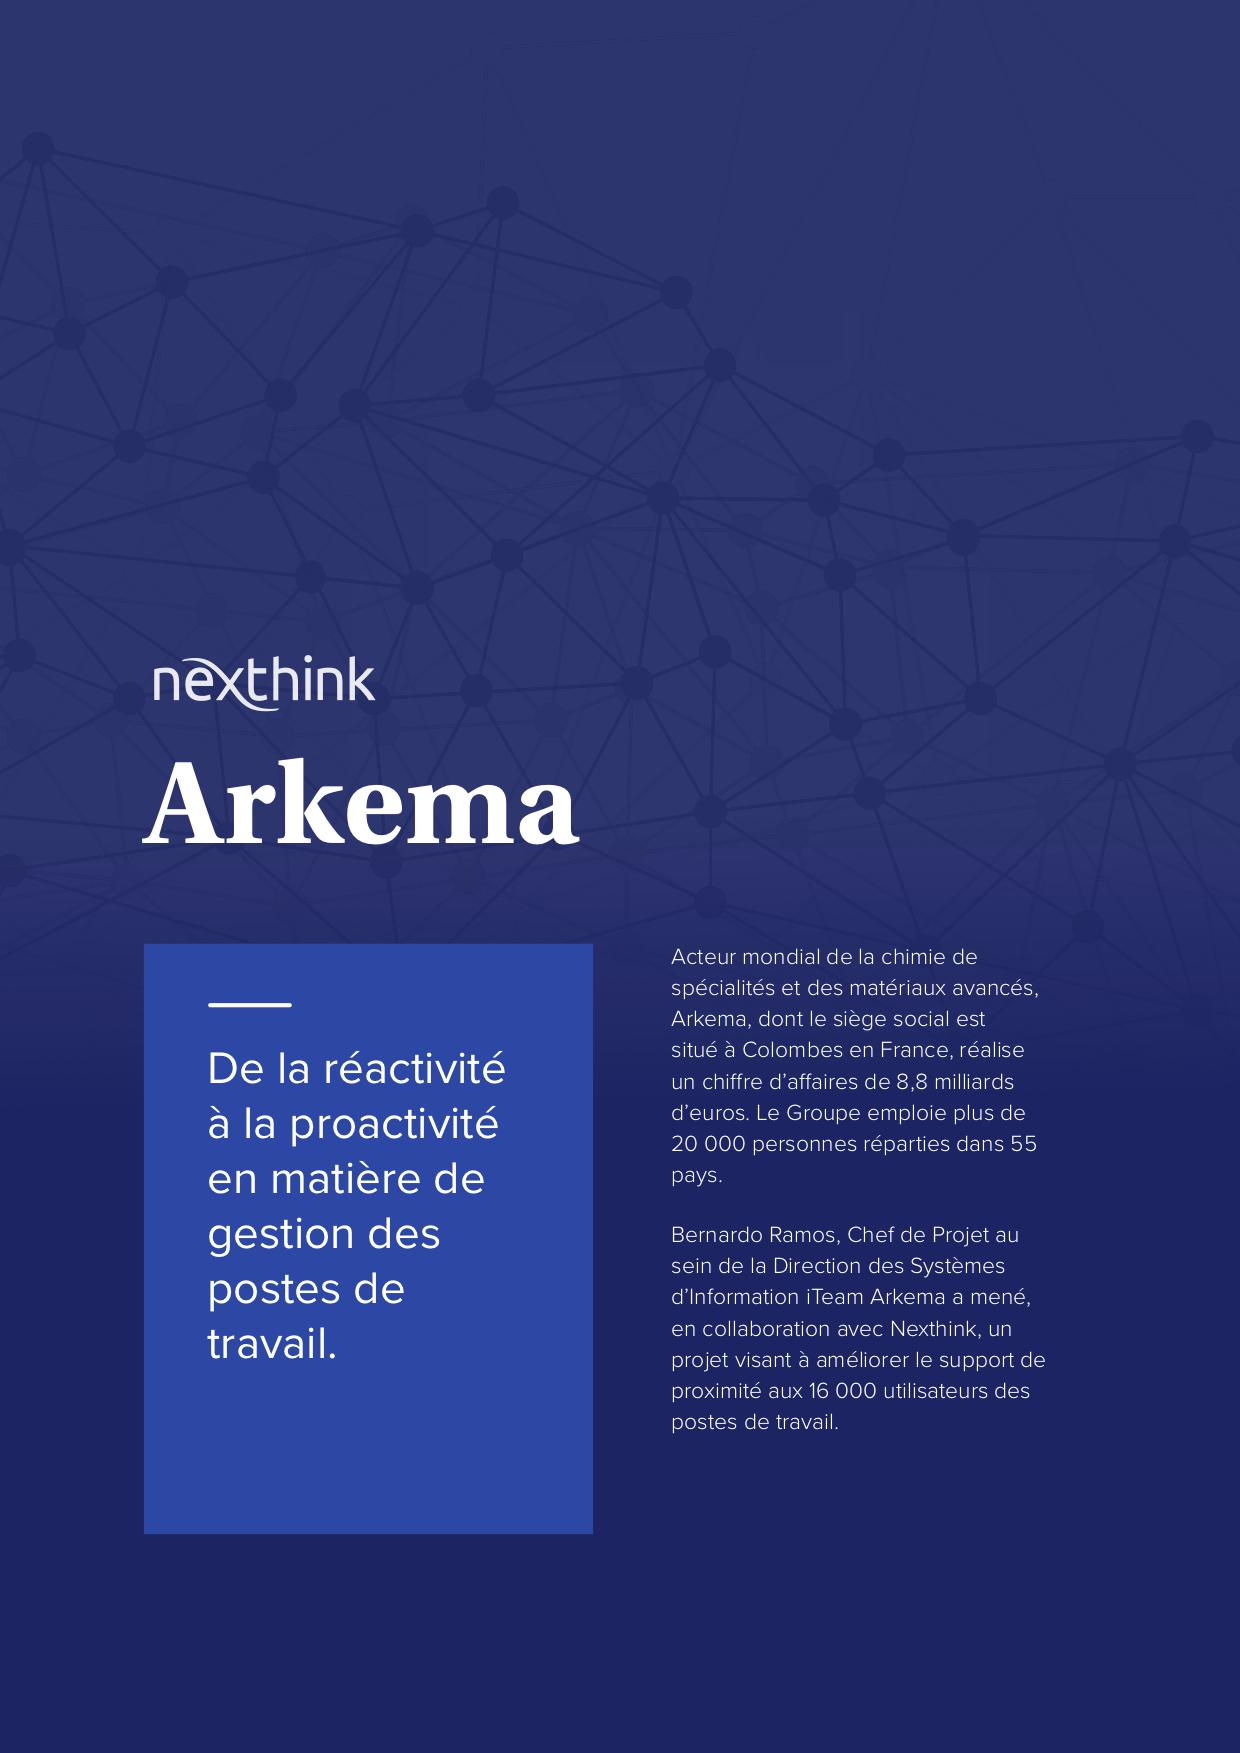 Arkema : de la réactivité à la proactivité